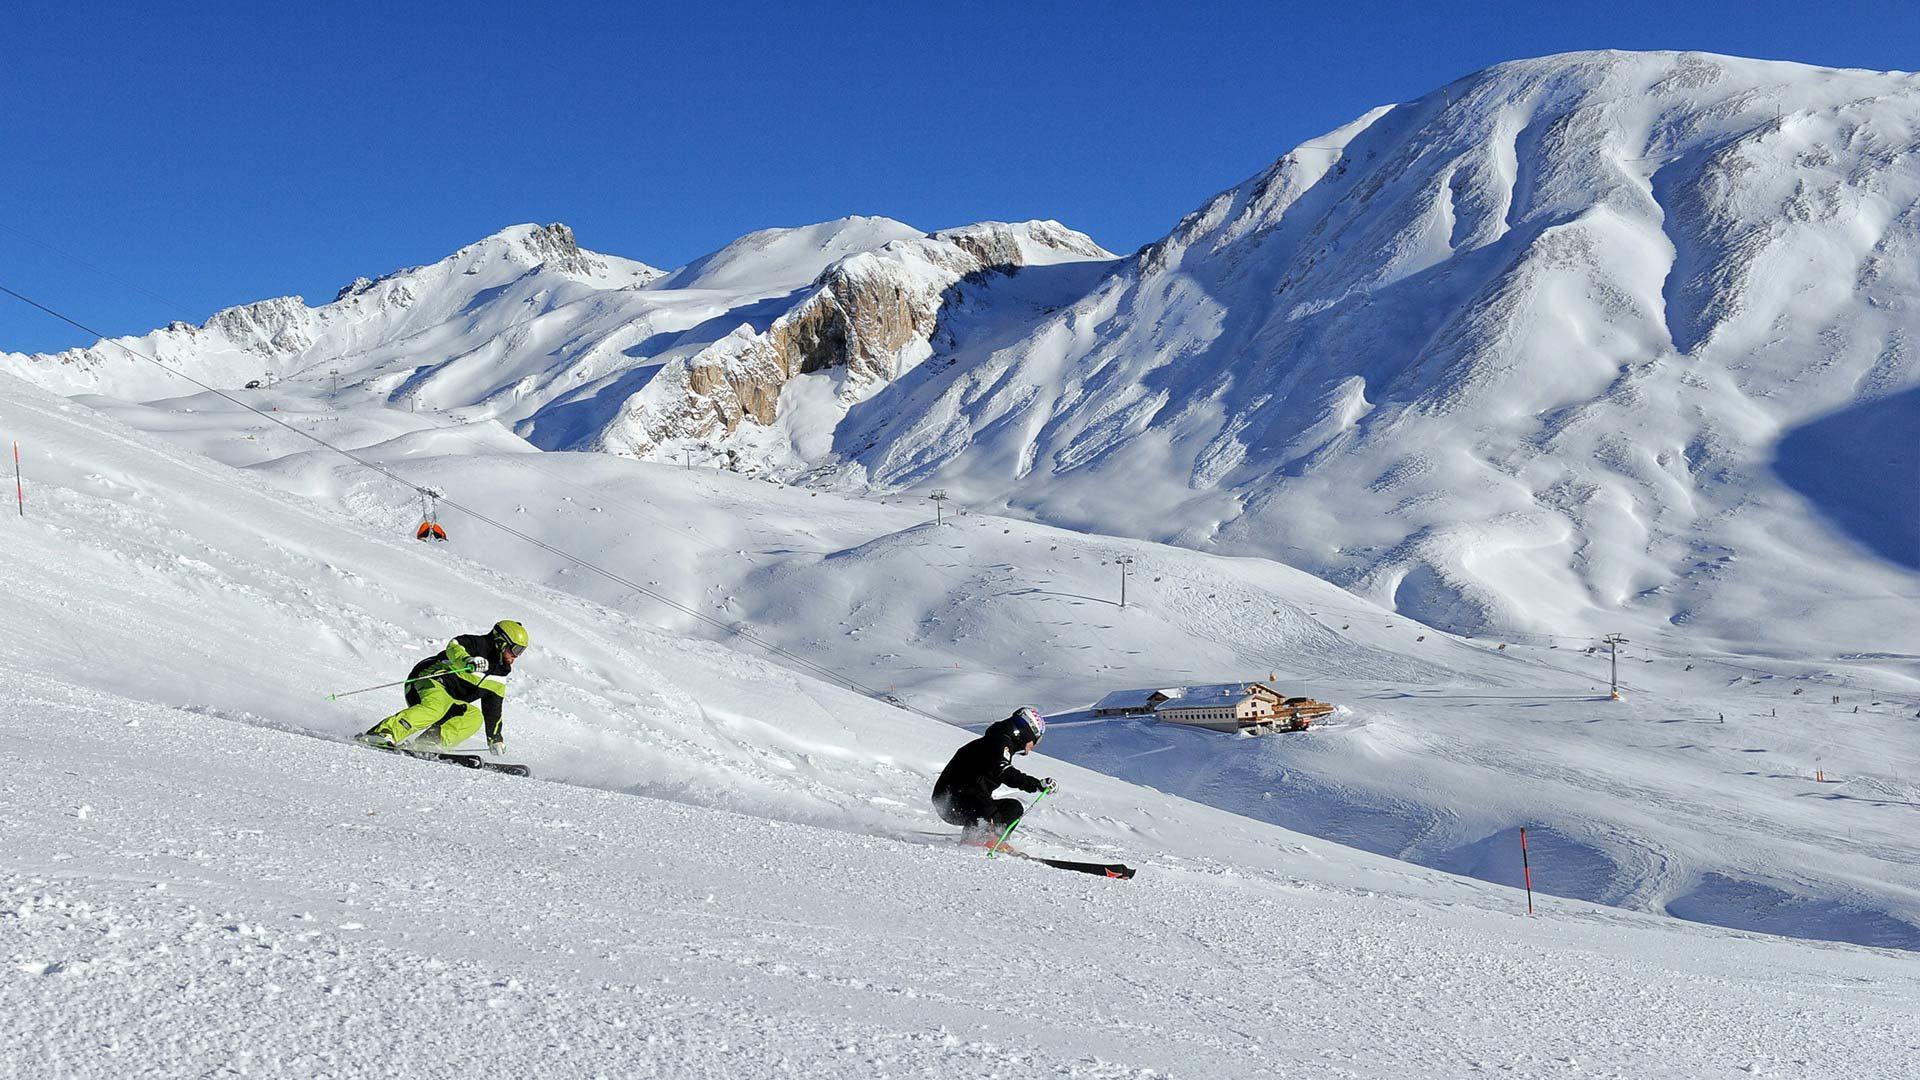 Sichere Wintersaison 20/21 Skiarena  Samnaun-Ischgl